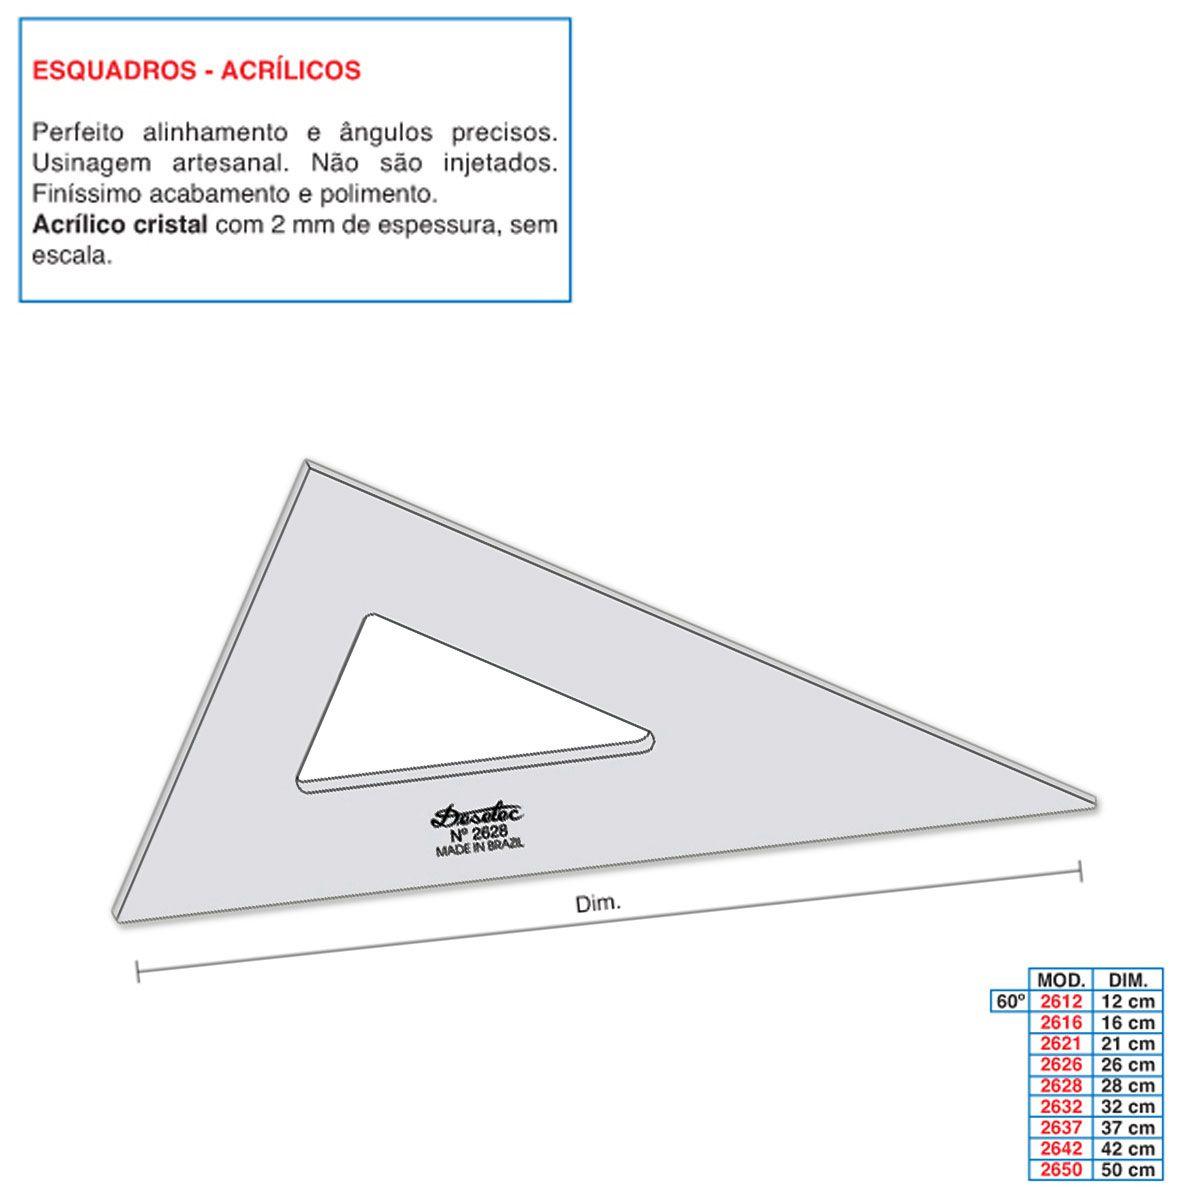 Esquadro de Acrílico Trident 28cm - sem Escala - Ref.2628